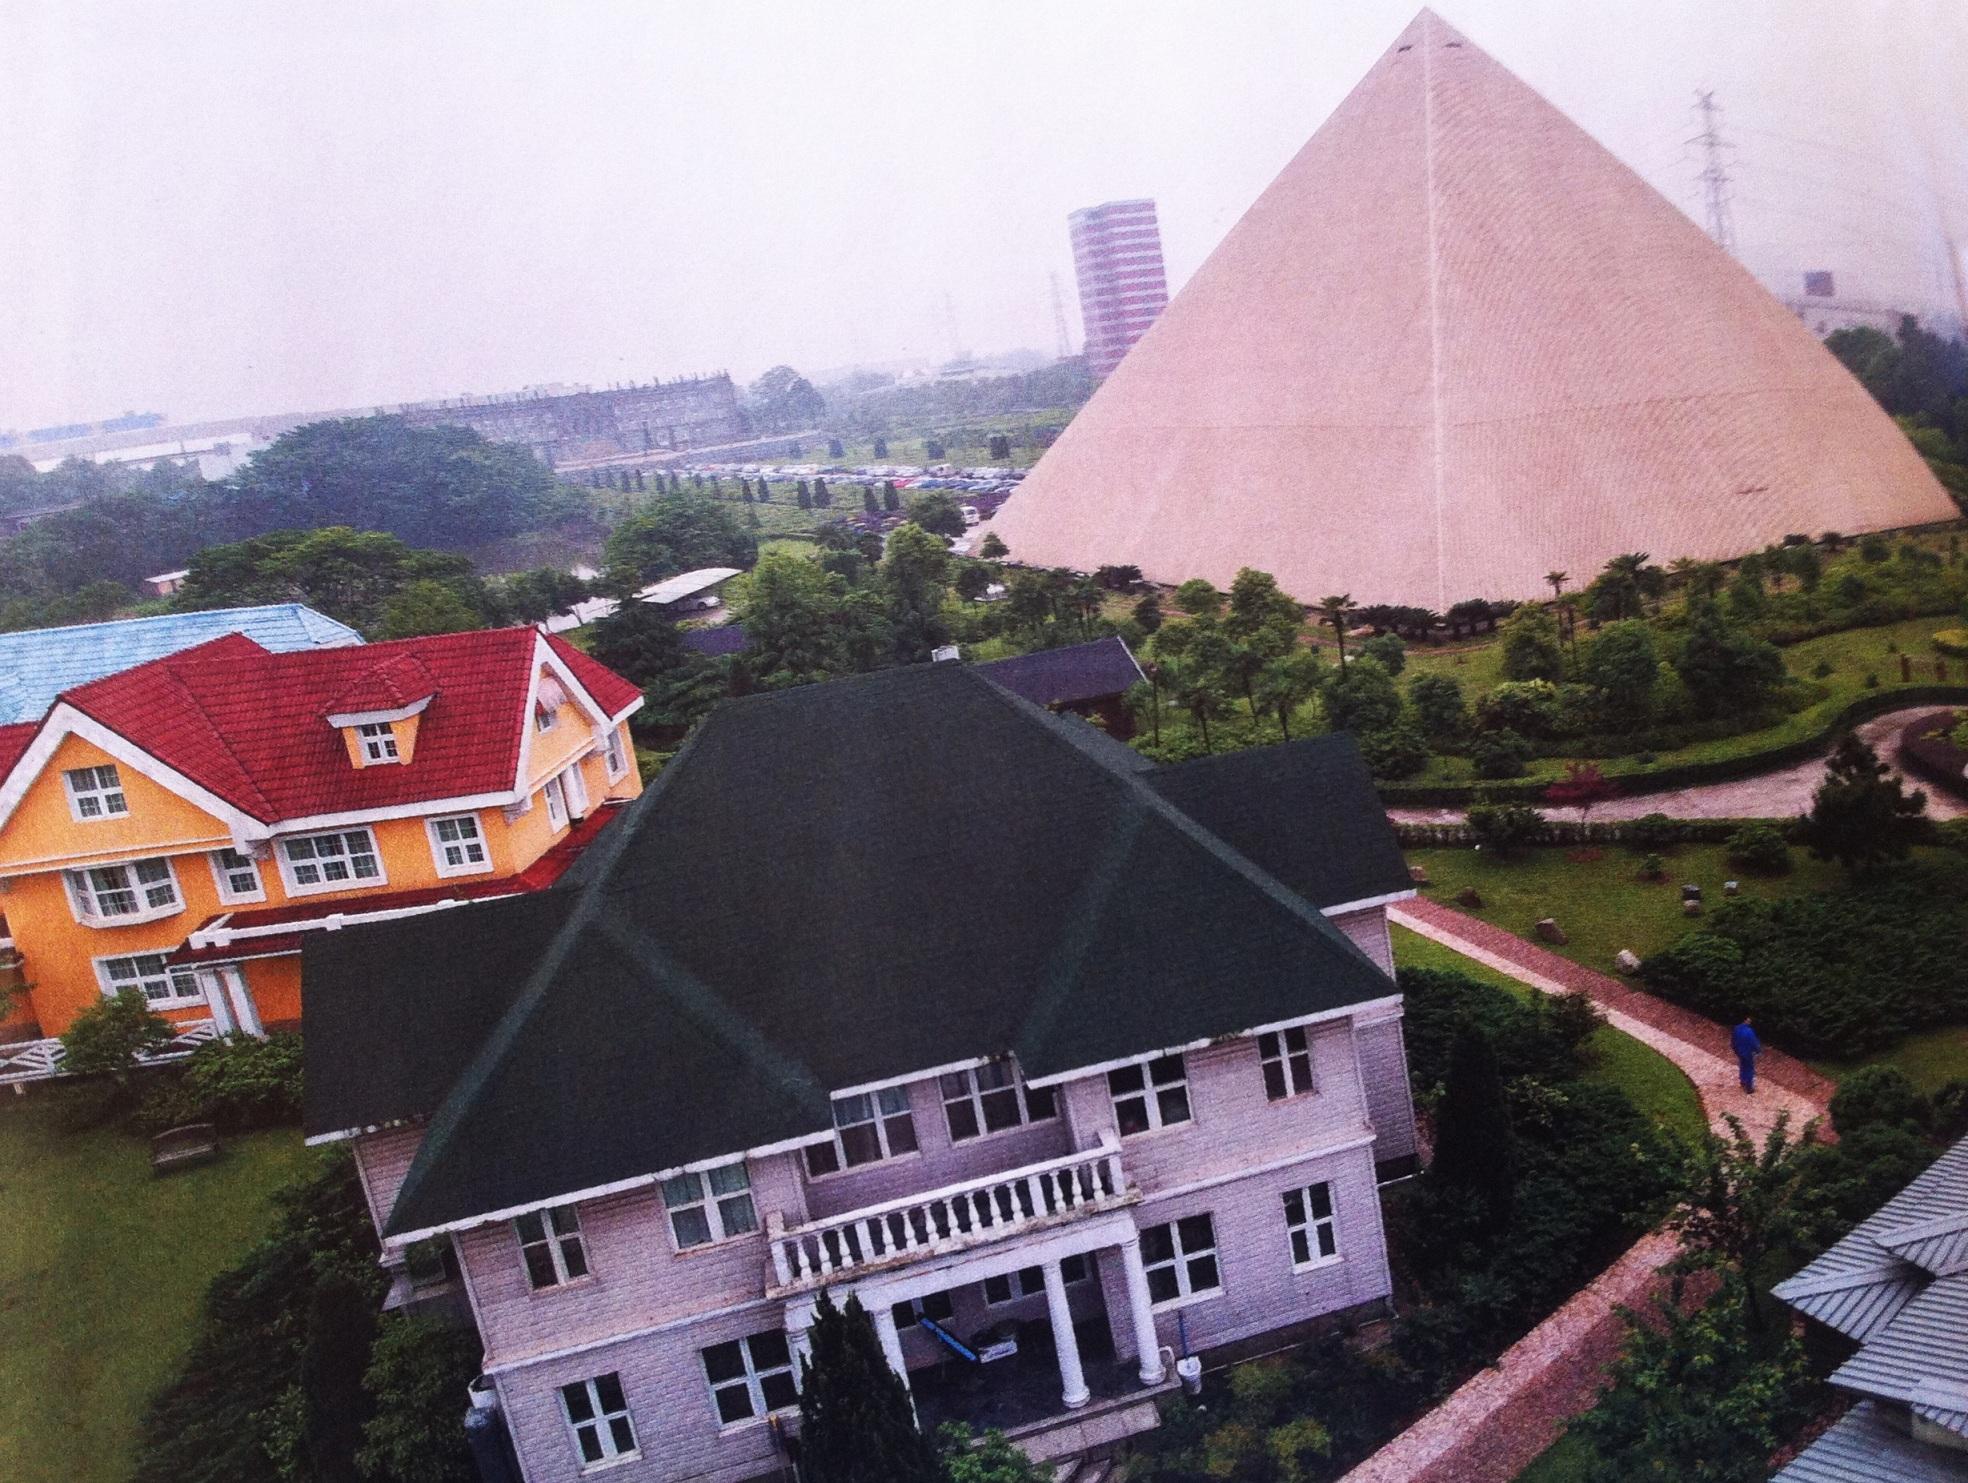 Çin'i 1997 yılında gezmiştim. O zamanlar böyle bir yapılaşma görmemiştim. Geçen ay Bloomberg Businessweek'te, fotoğrafları görünce hem çok şaşırdım, hem çok üzüldüm. Burada sadece birini paylaşıyorum. Diğerleri şunlardı: Hangzhou'da, Paris'teki apartman bloklarının aynısını inşa edip, ortasına bir de Eyfel Kulesi dikmişler !! Şanghay'da Hollanda teması kullanılmış. Çok büyük ebatta tahta ayakkabı, Hollanda tipi evler yapılıp, yel değirmeni de unutulmamış!! Changsha'da, bir havalandırma firması kurduğu kampüste yukarıda gördüğünüz Giza piramidinin replikasını yapmakla kalmamış, kampüsünün ana binasını  Versay ve Buckingham Sarayı'nın parçalarını birleştirerek oluşturmuş, bu binanın önüne de Deng Xiaoping'in heykelini dikmiş. Huizhou'da ise Avusturya modası hakim. UNESCO'nun Dünya Mirası Listesi'ne aldığı Hallstatt evlerinin aynısını yapmışlar!! Tianjin'de, 16. Yüzyılda yaşamış olan Michel de Montaigne'in şatosu inşa edilmiş, ama yeterli gelmemiş olacak ki, önüne bir de Louvre'un cam piramidi eklenmiş.!! Ayrıca Beijing yakınlarında iki harika daha yapılmış: bir Fransız şatosu taklidinin önüne, Roma'daki St. Peter Meydanı oturtulmuş. Bir başka yerde gondola binmek ve ortası havuzlu bir Colosseum izlemek mümkün hale gelmiş. Ülkeyi bu sahte harikalarla doldurmalarını sebebini ise modern ve medeni kent ortamı yaratma gayreti ile açıklıyorlarmış. Tam dosyamıza uygun bir durum.